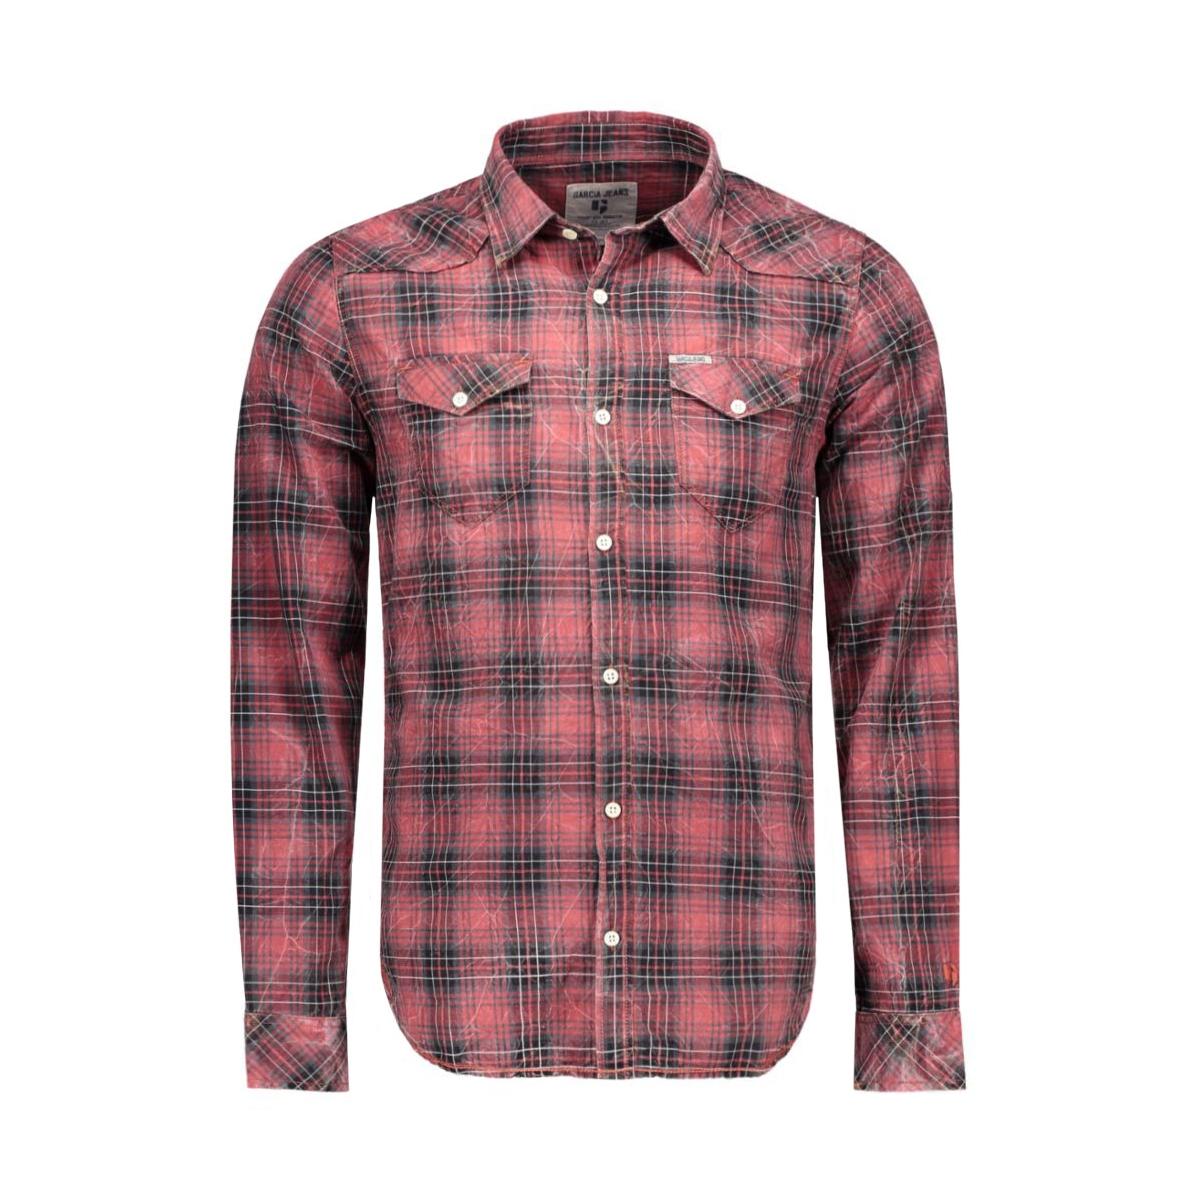 s61028_men`s shirt ls 1699 garcia overhemd 1699 kings red